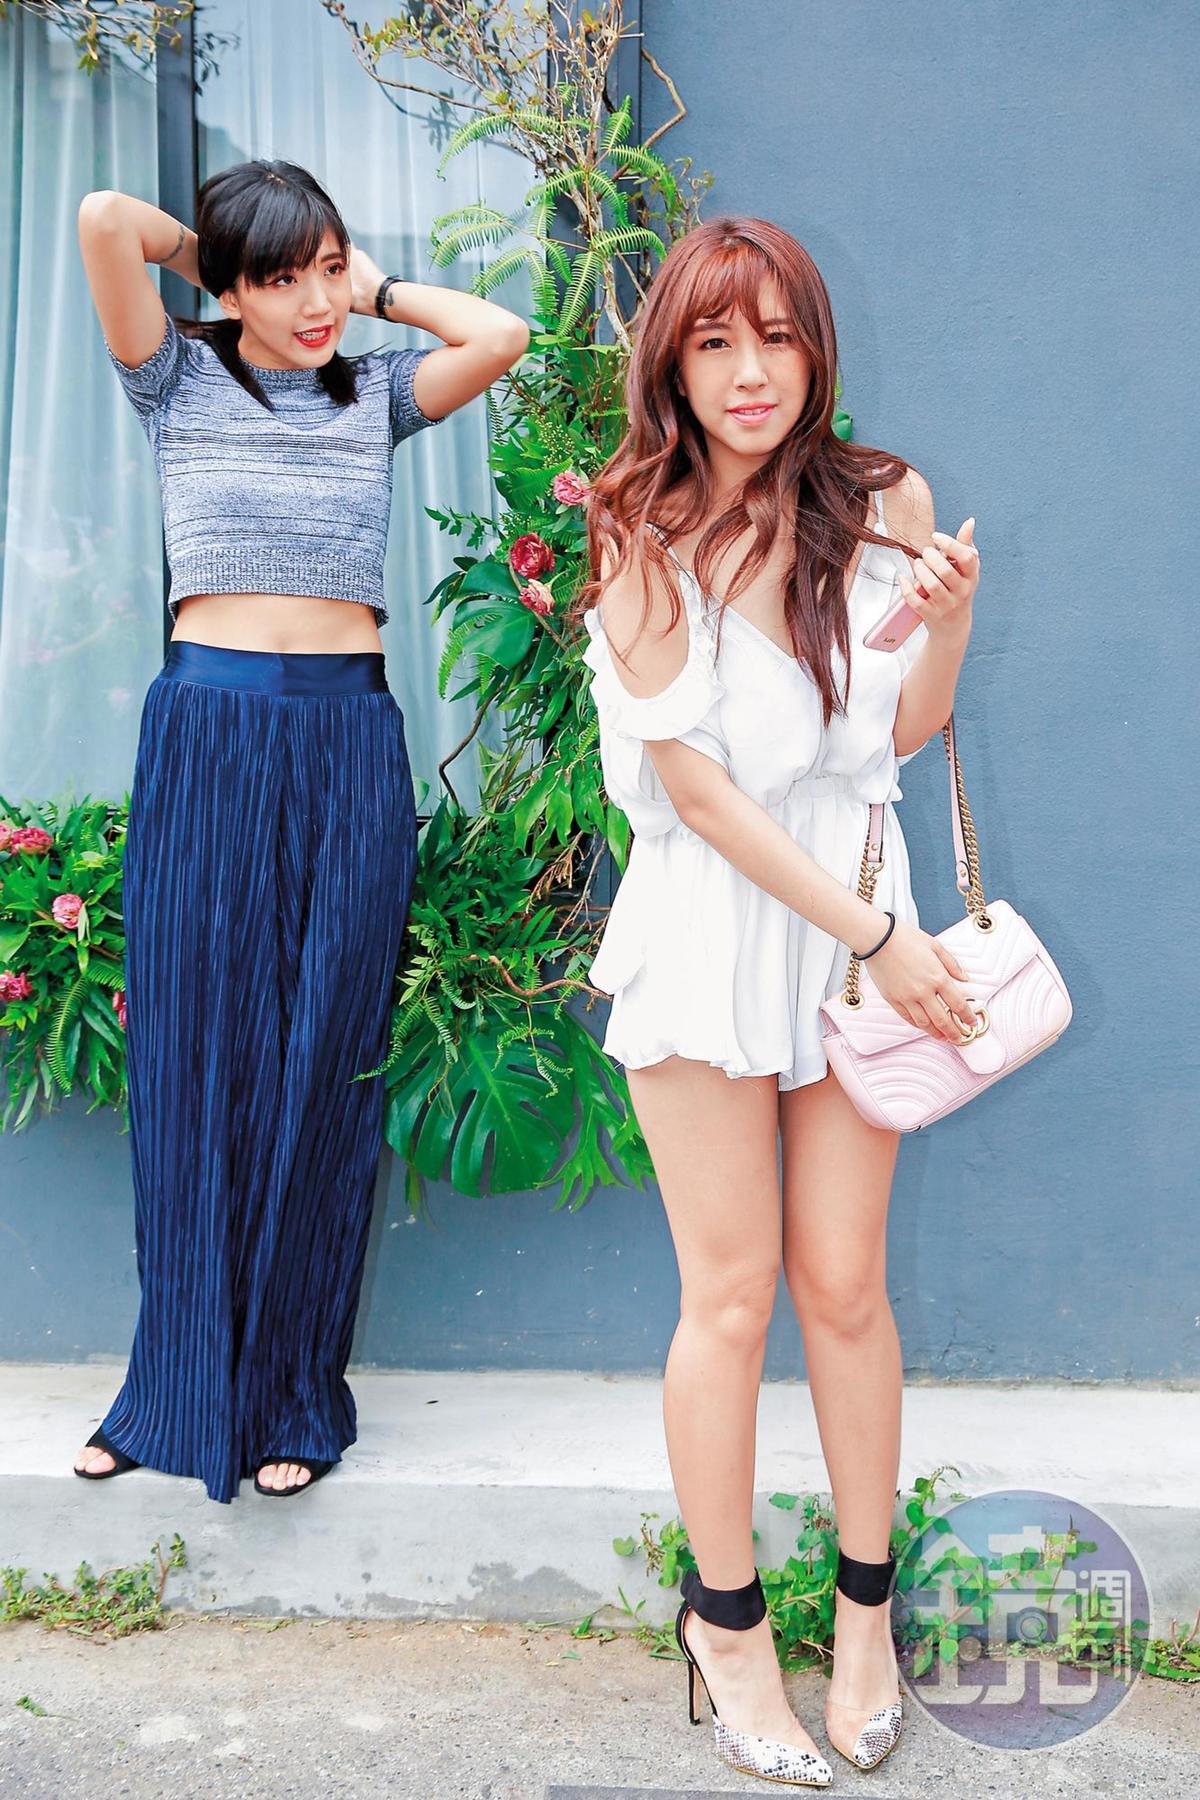 辜莞允(右)出席陳艾琳(左)花店開幕時露得很多,比女主人還有看頭。